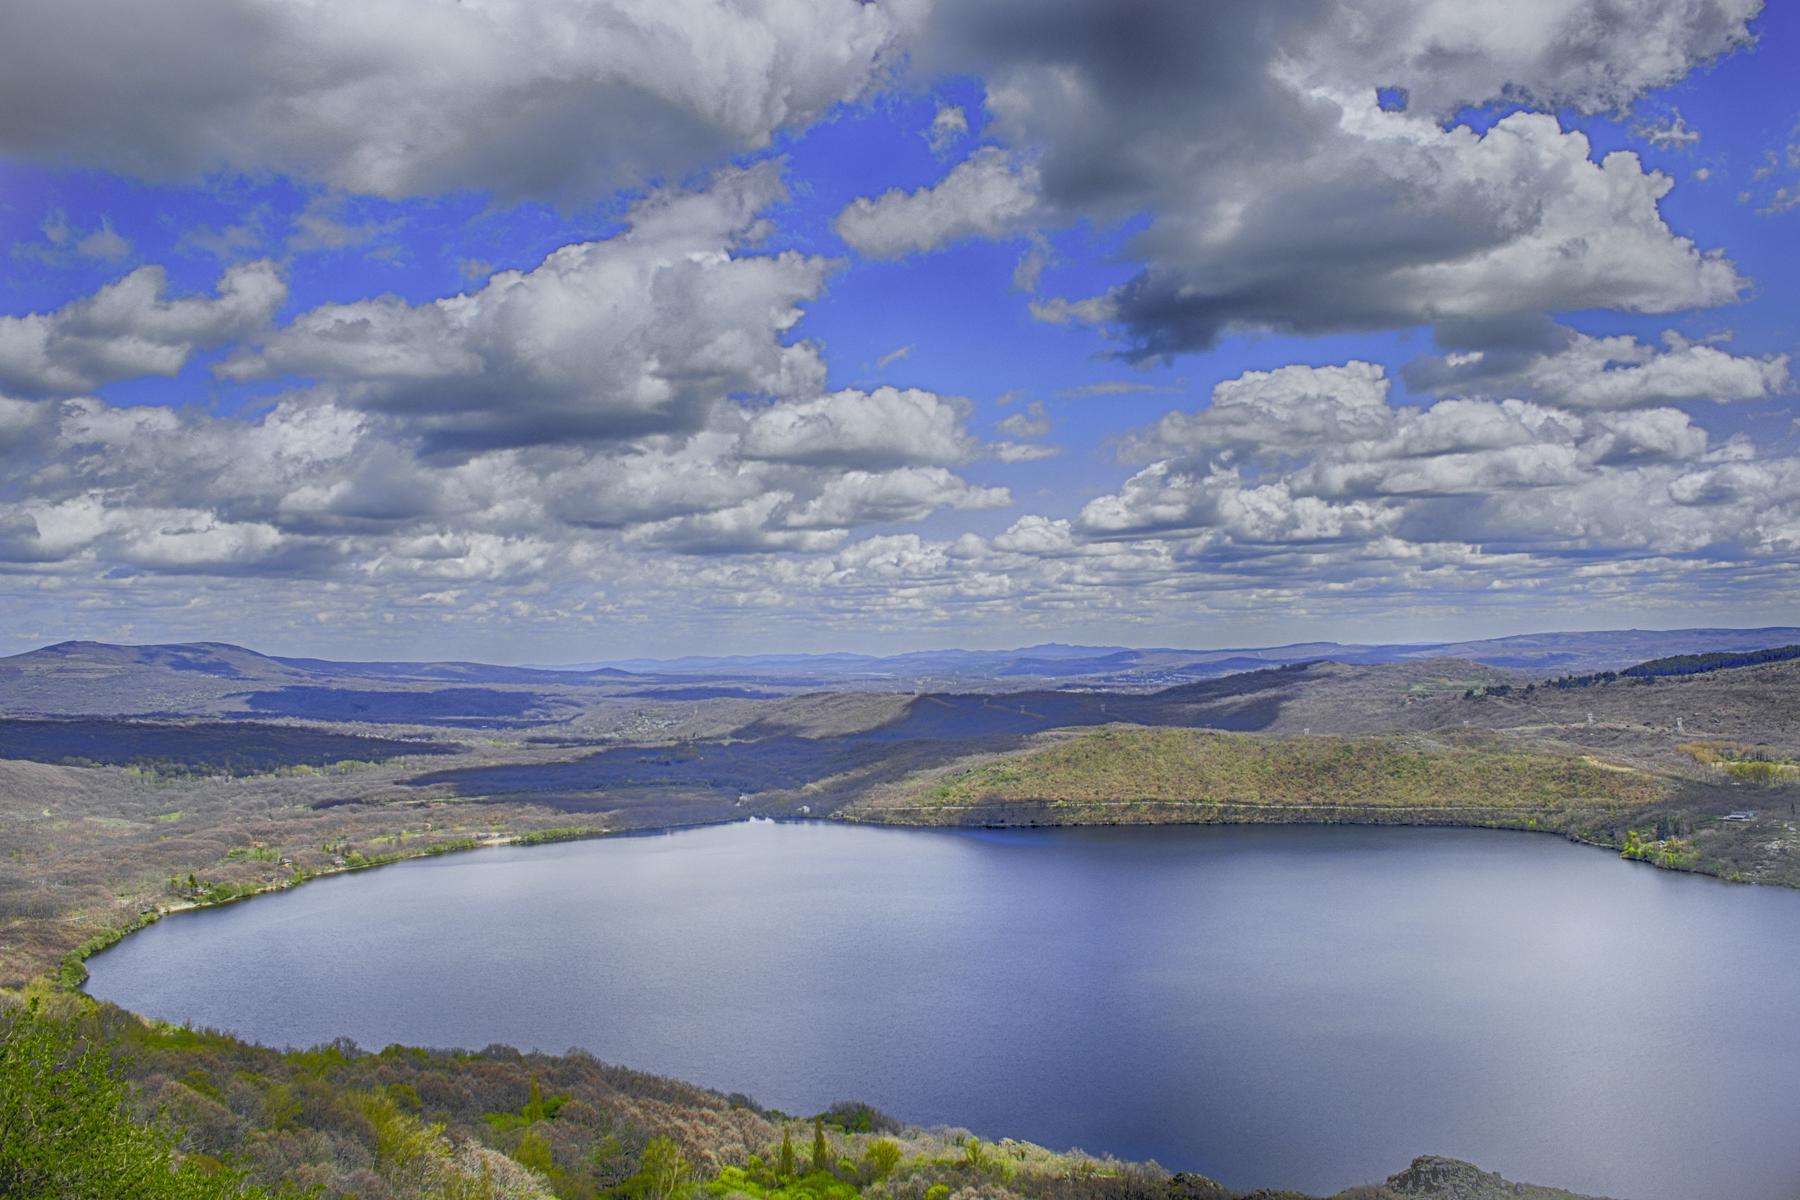 parque natural sanabria - Lago de Sanabria Natural Park-Castilla y León-Spain